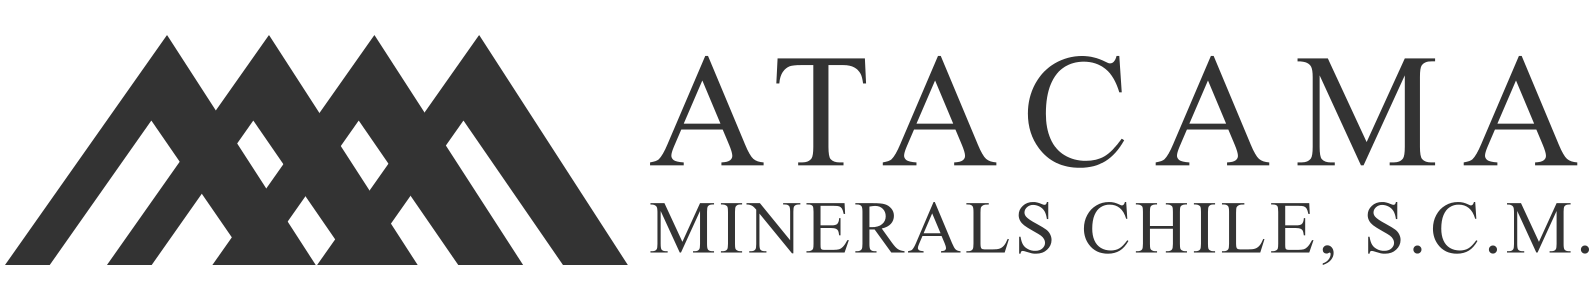 01-ATACAMA MINERALS.png